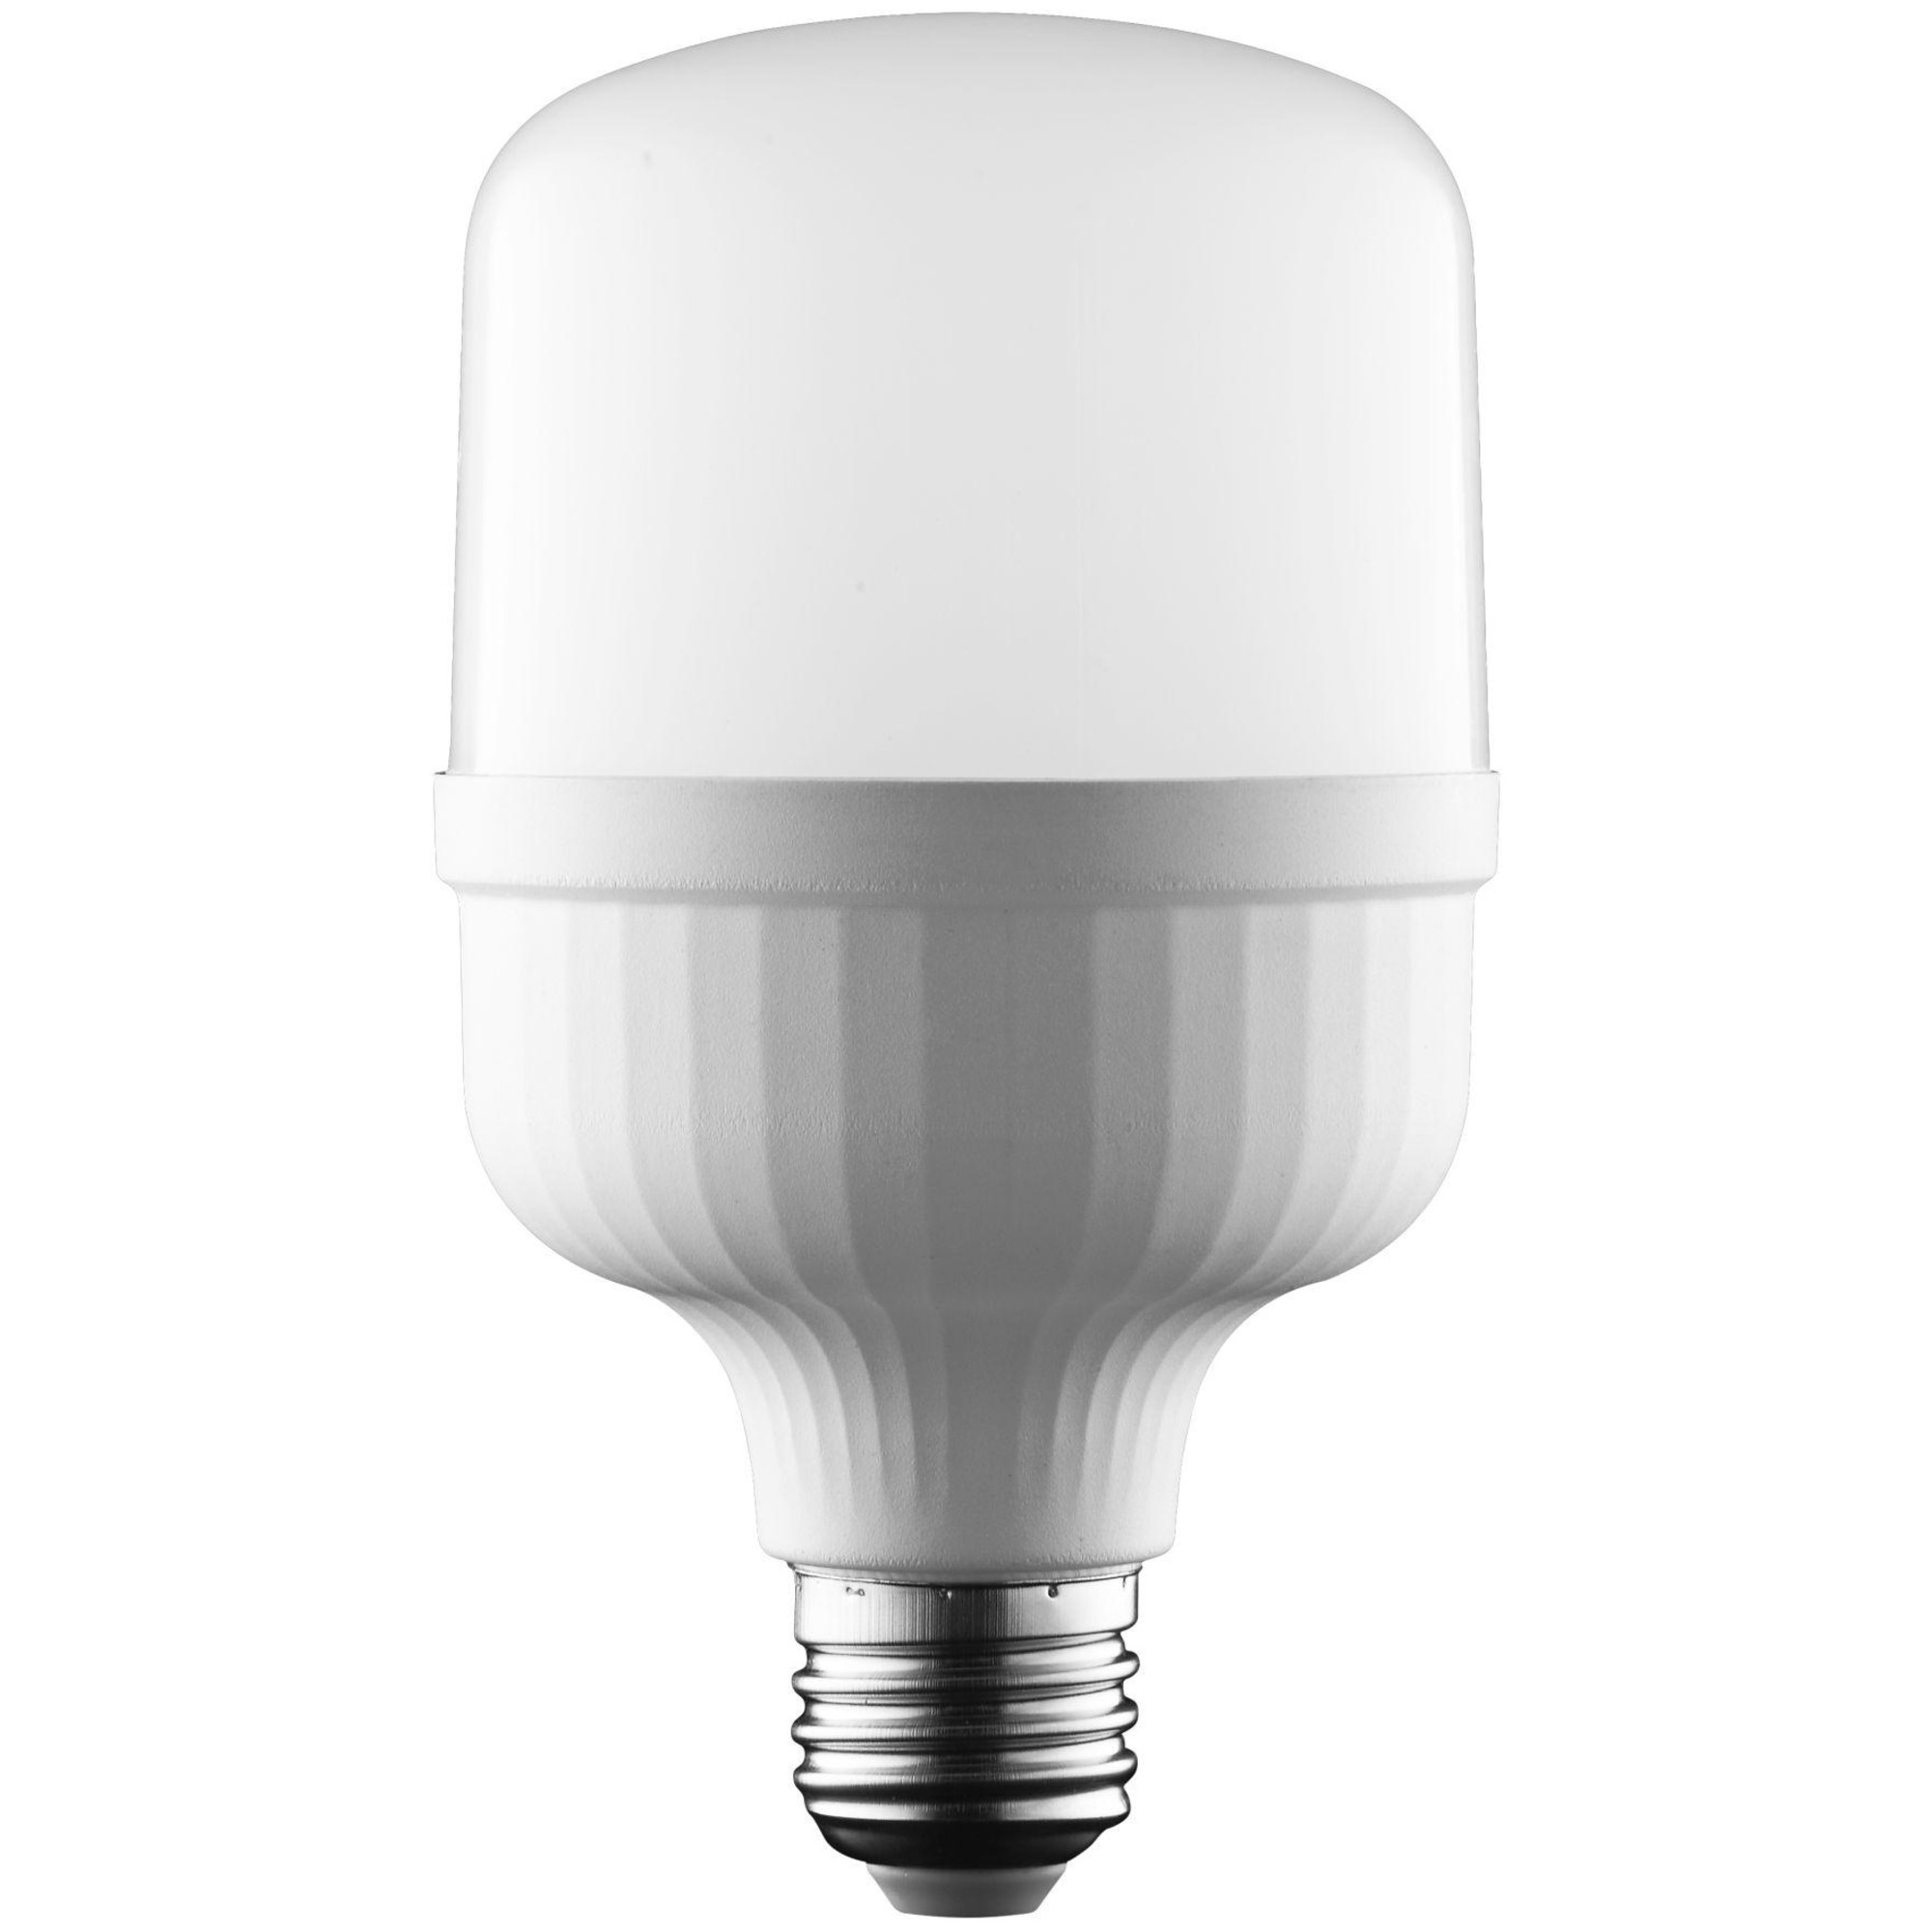 Лампа Ecola Premium светодионая E27 40 Вт 3600 Лм нейтральный свет